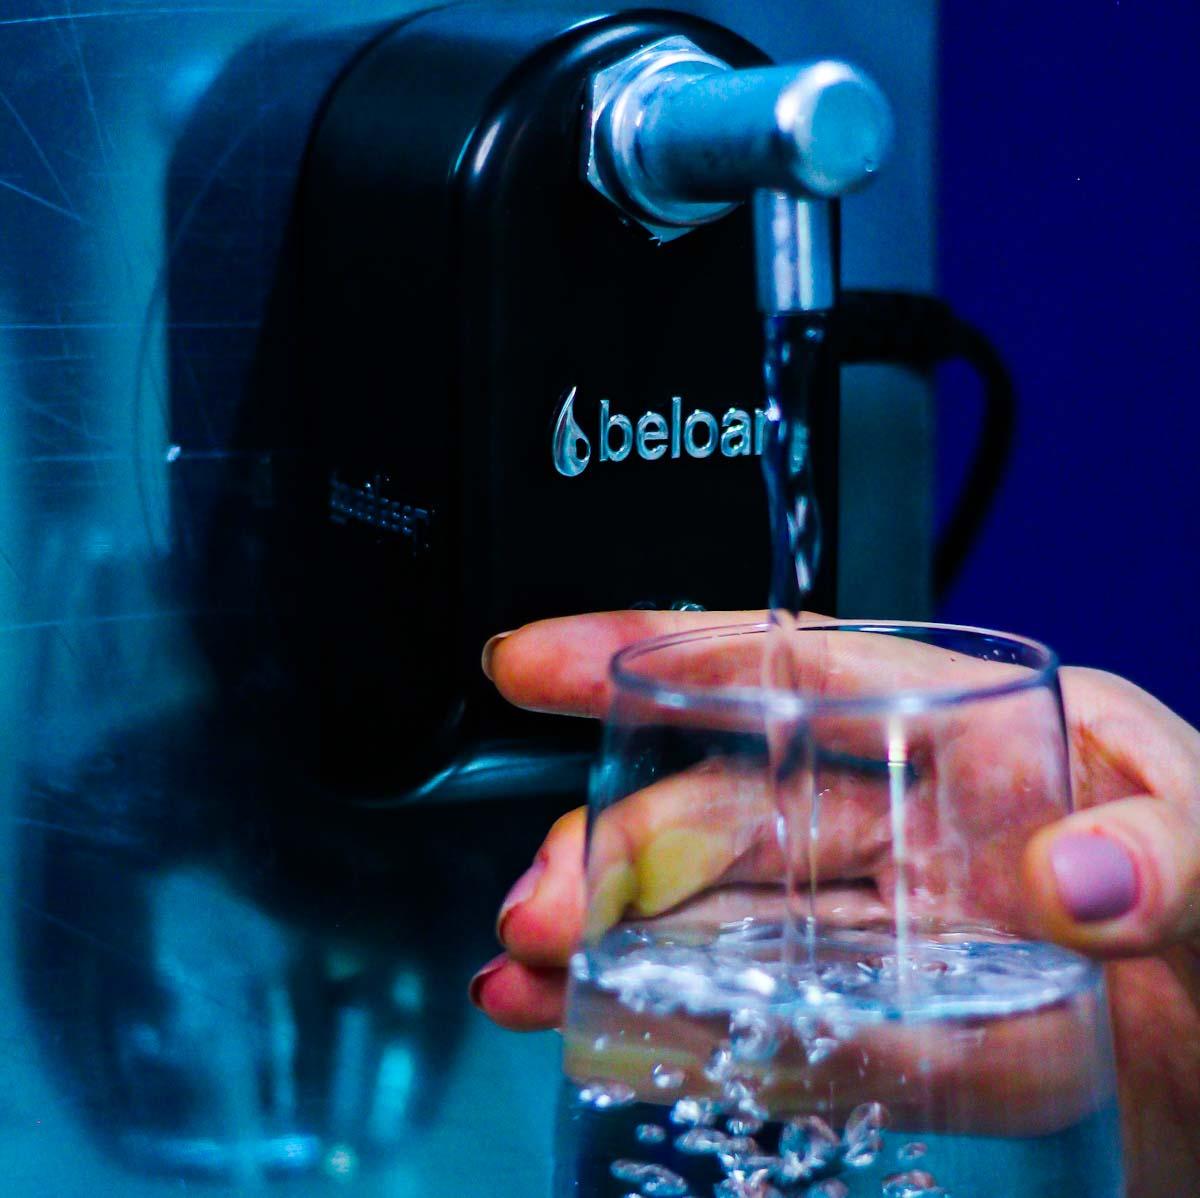 Bebedouros com sensores infravermelho evitam infecções por Covid-19 e outras doenças